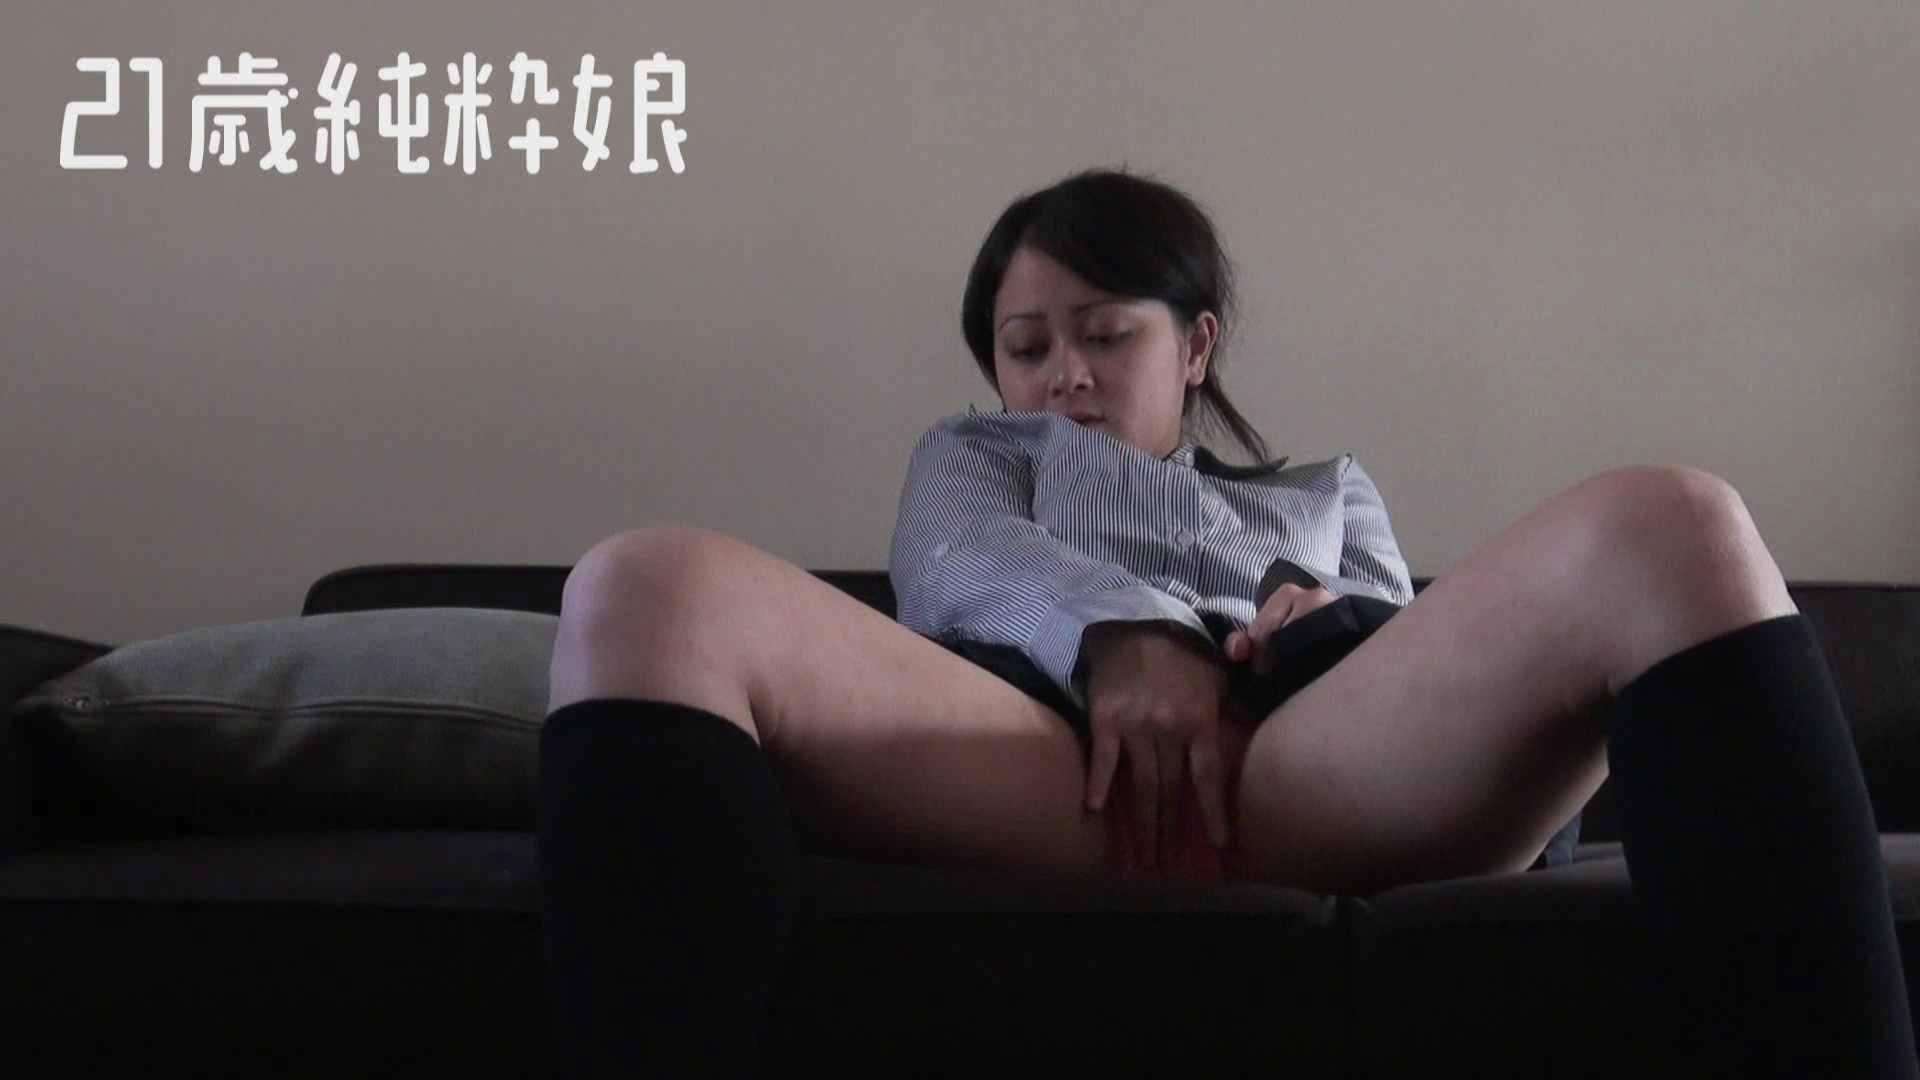 上京したばかりのGカップ21歳純粋嬢を都合の良い女にしてみた3 一般投稿 | オナニー特集  54画像 5